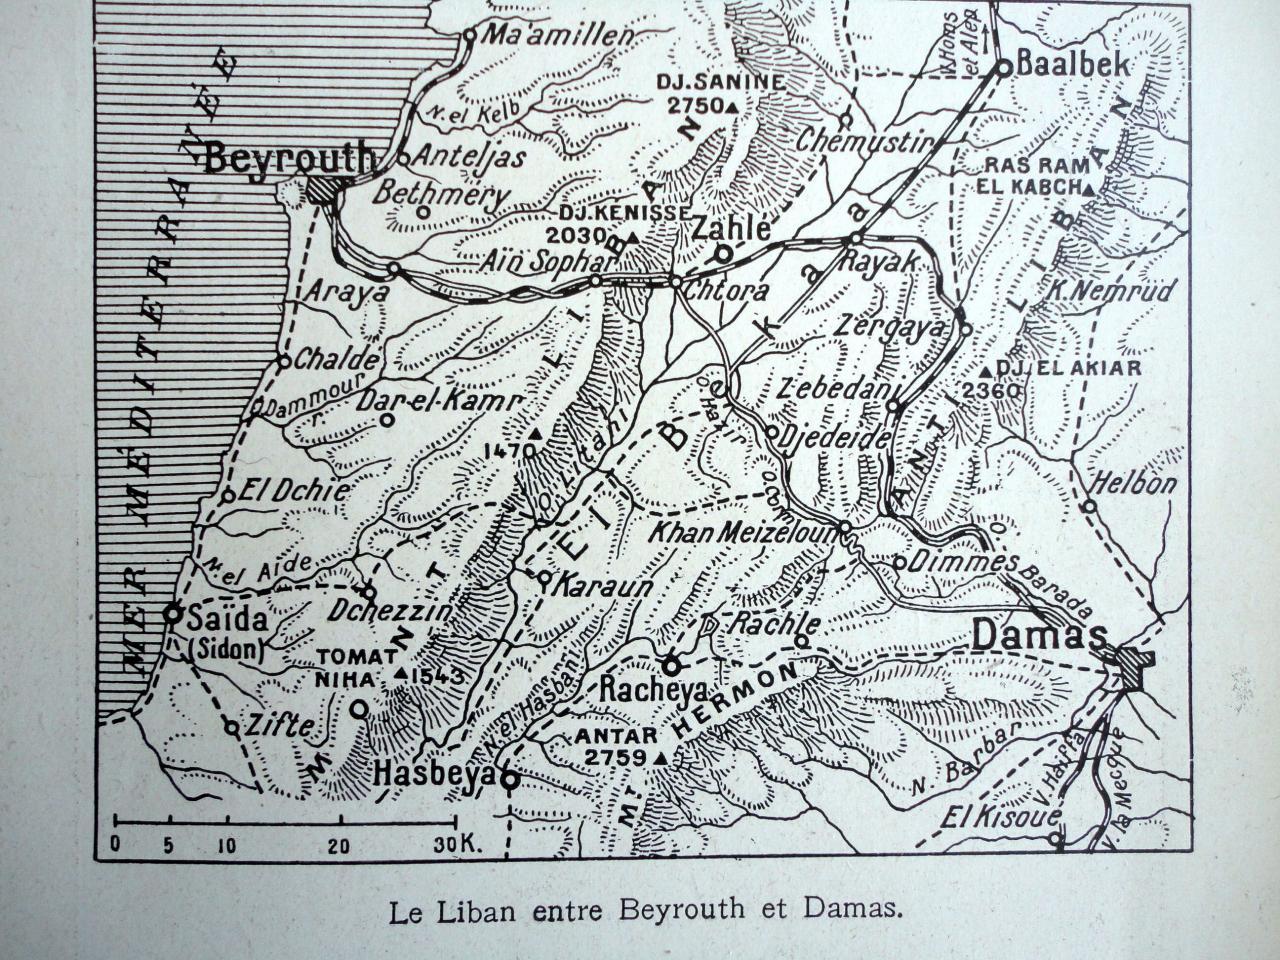 Le Liban entre Beyrouth et Damas